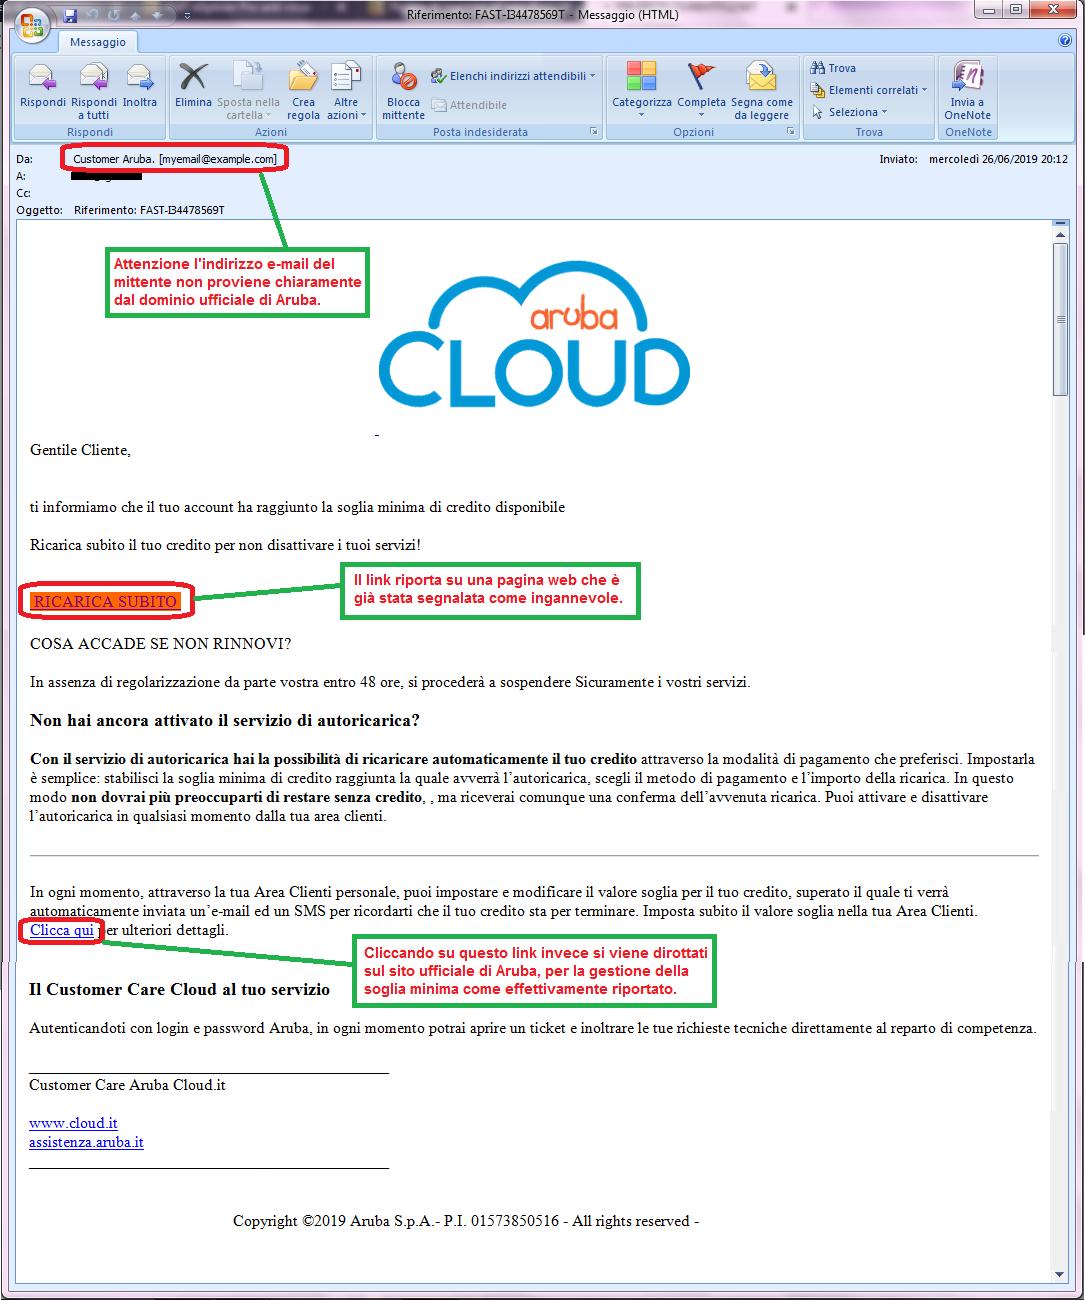 Clicca per ingrandire l'immagine della falsa e-mail di Aruba che comunica che l'account ha raggiunto la soglia minima di credito, ma che in realtà è una TRUFFA!